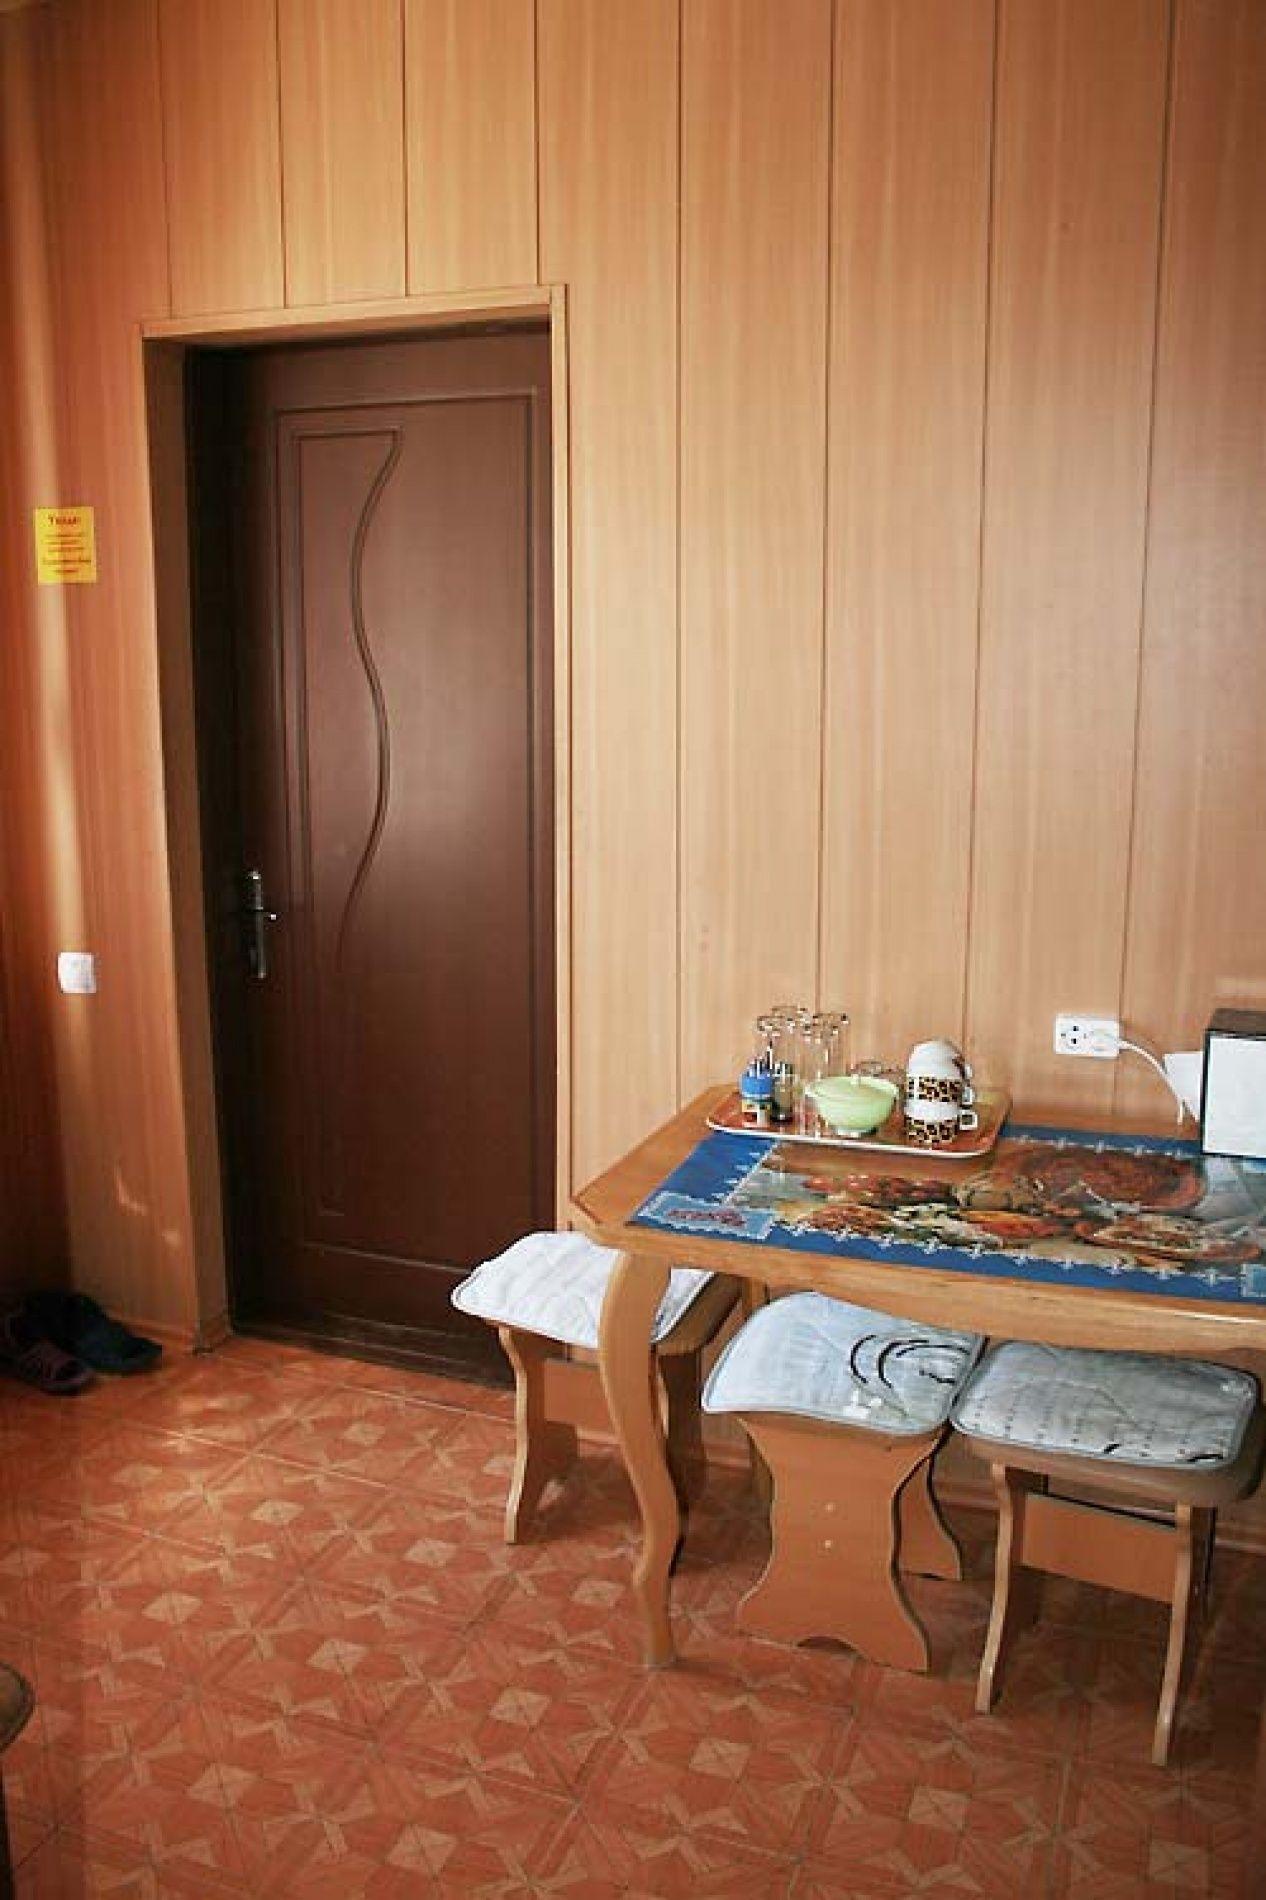 """База отдыха """"Комбат"""" Карачаево-Черкесская Республика 4-местный номер VIP в Гостиничном коттедже 2-этажном, фото 4"""